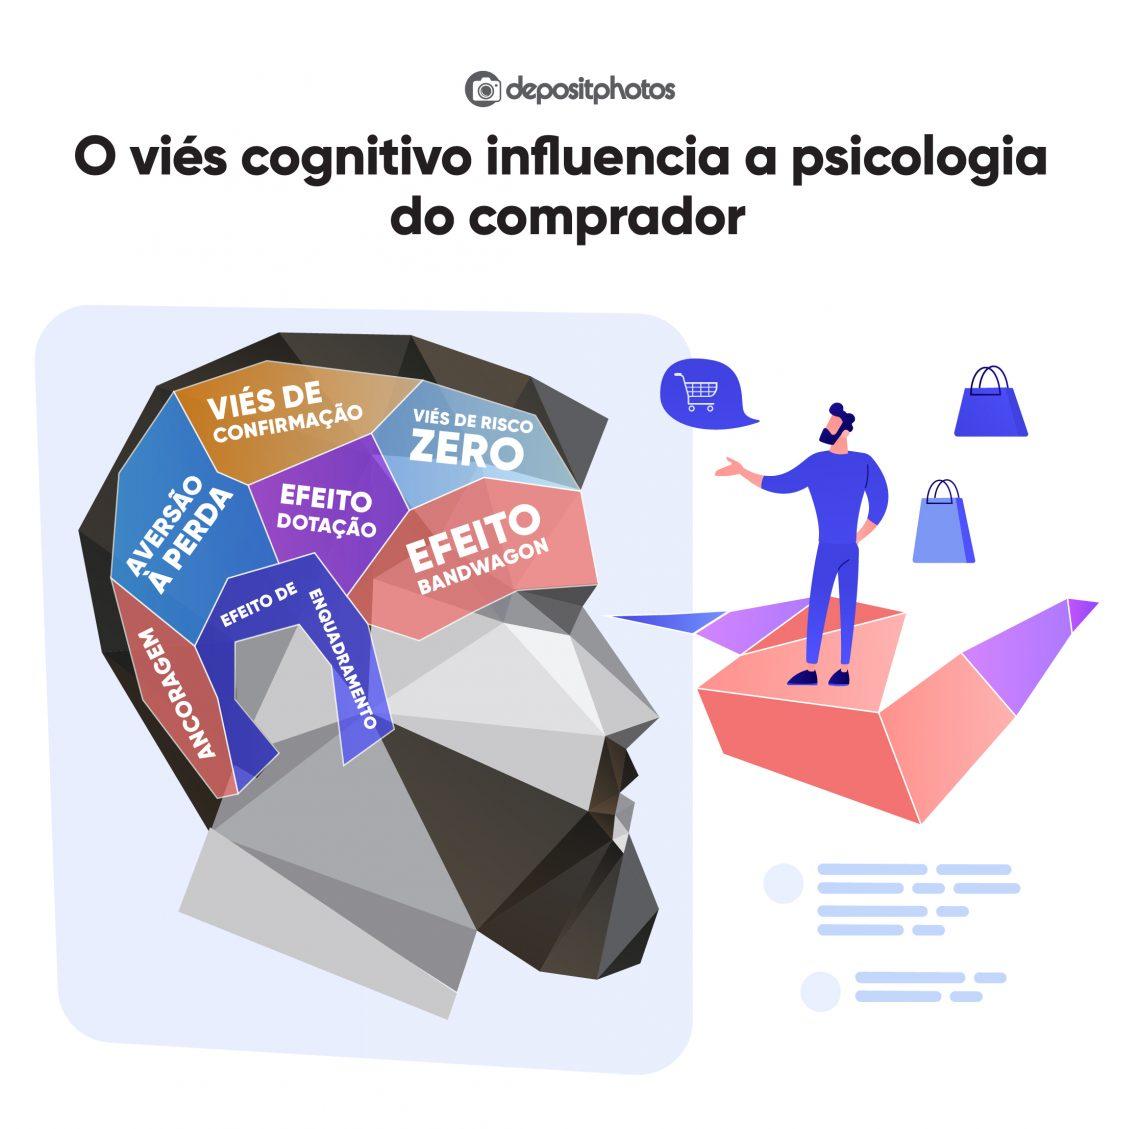 O viés cognitivo influencia a psicologia do comprador